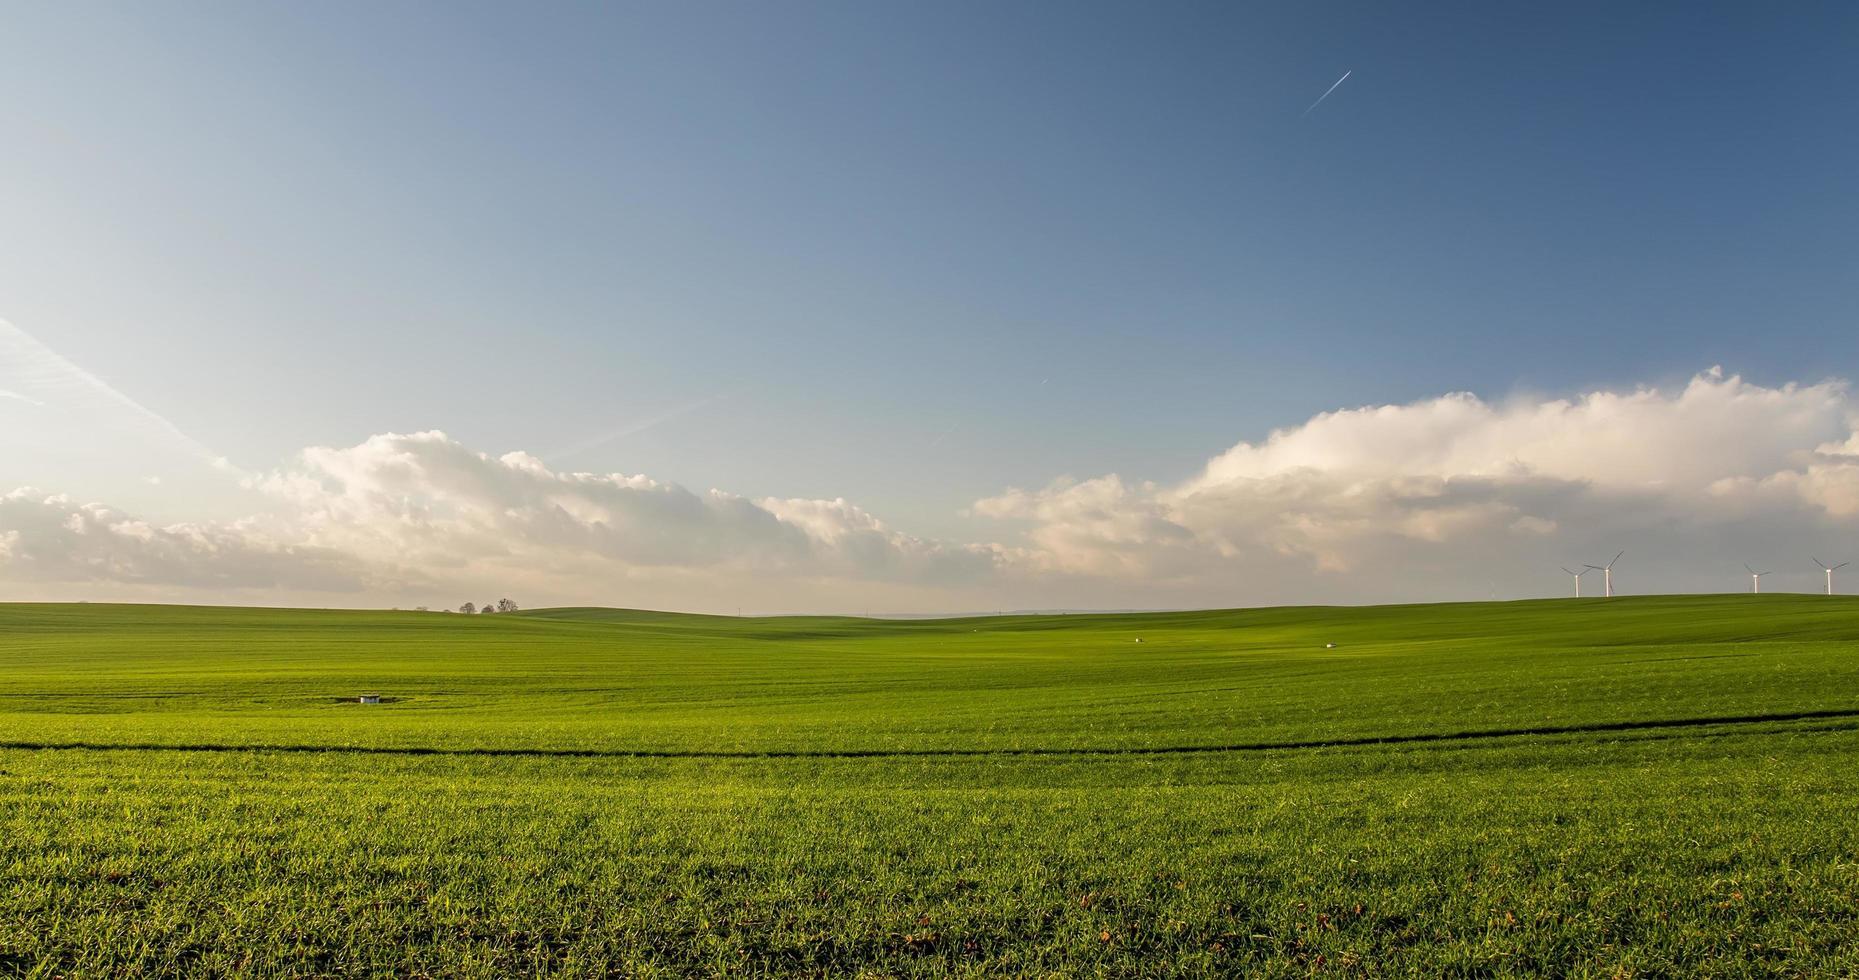 campo gramado verde com céu azul foto